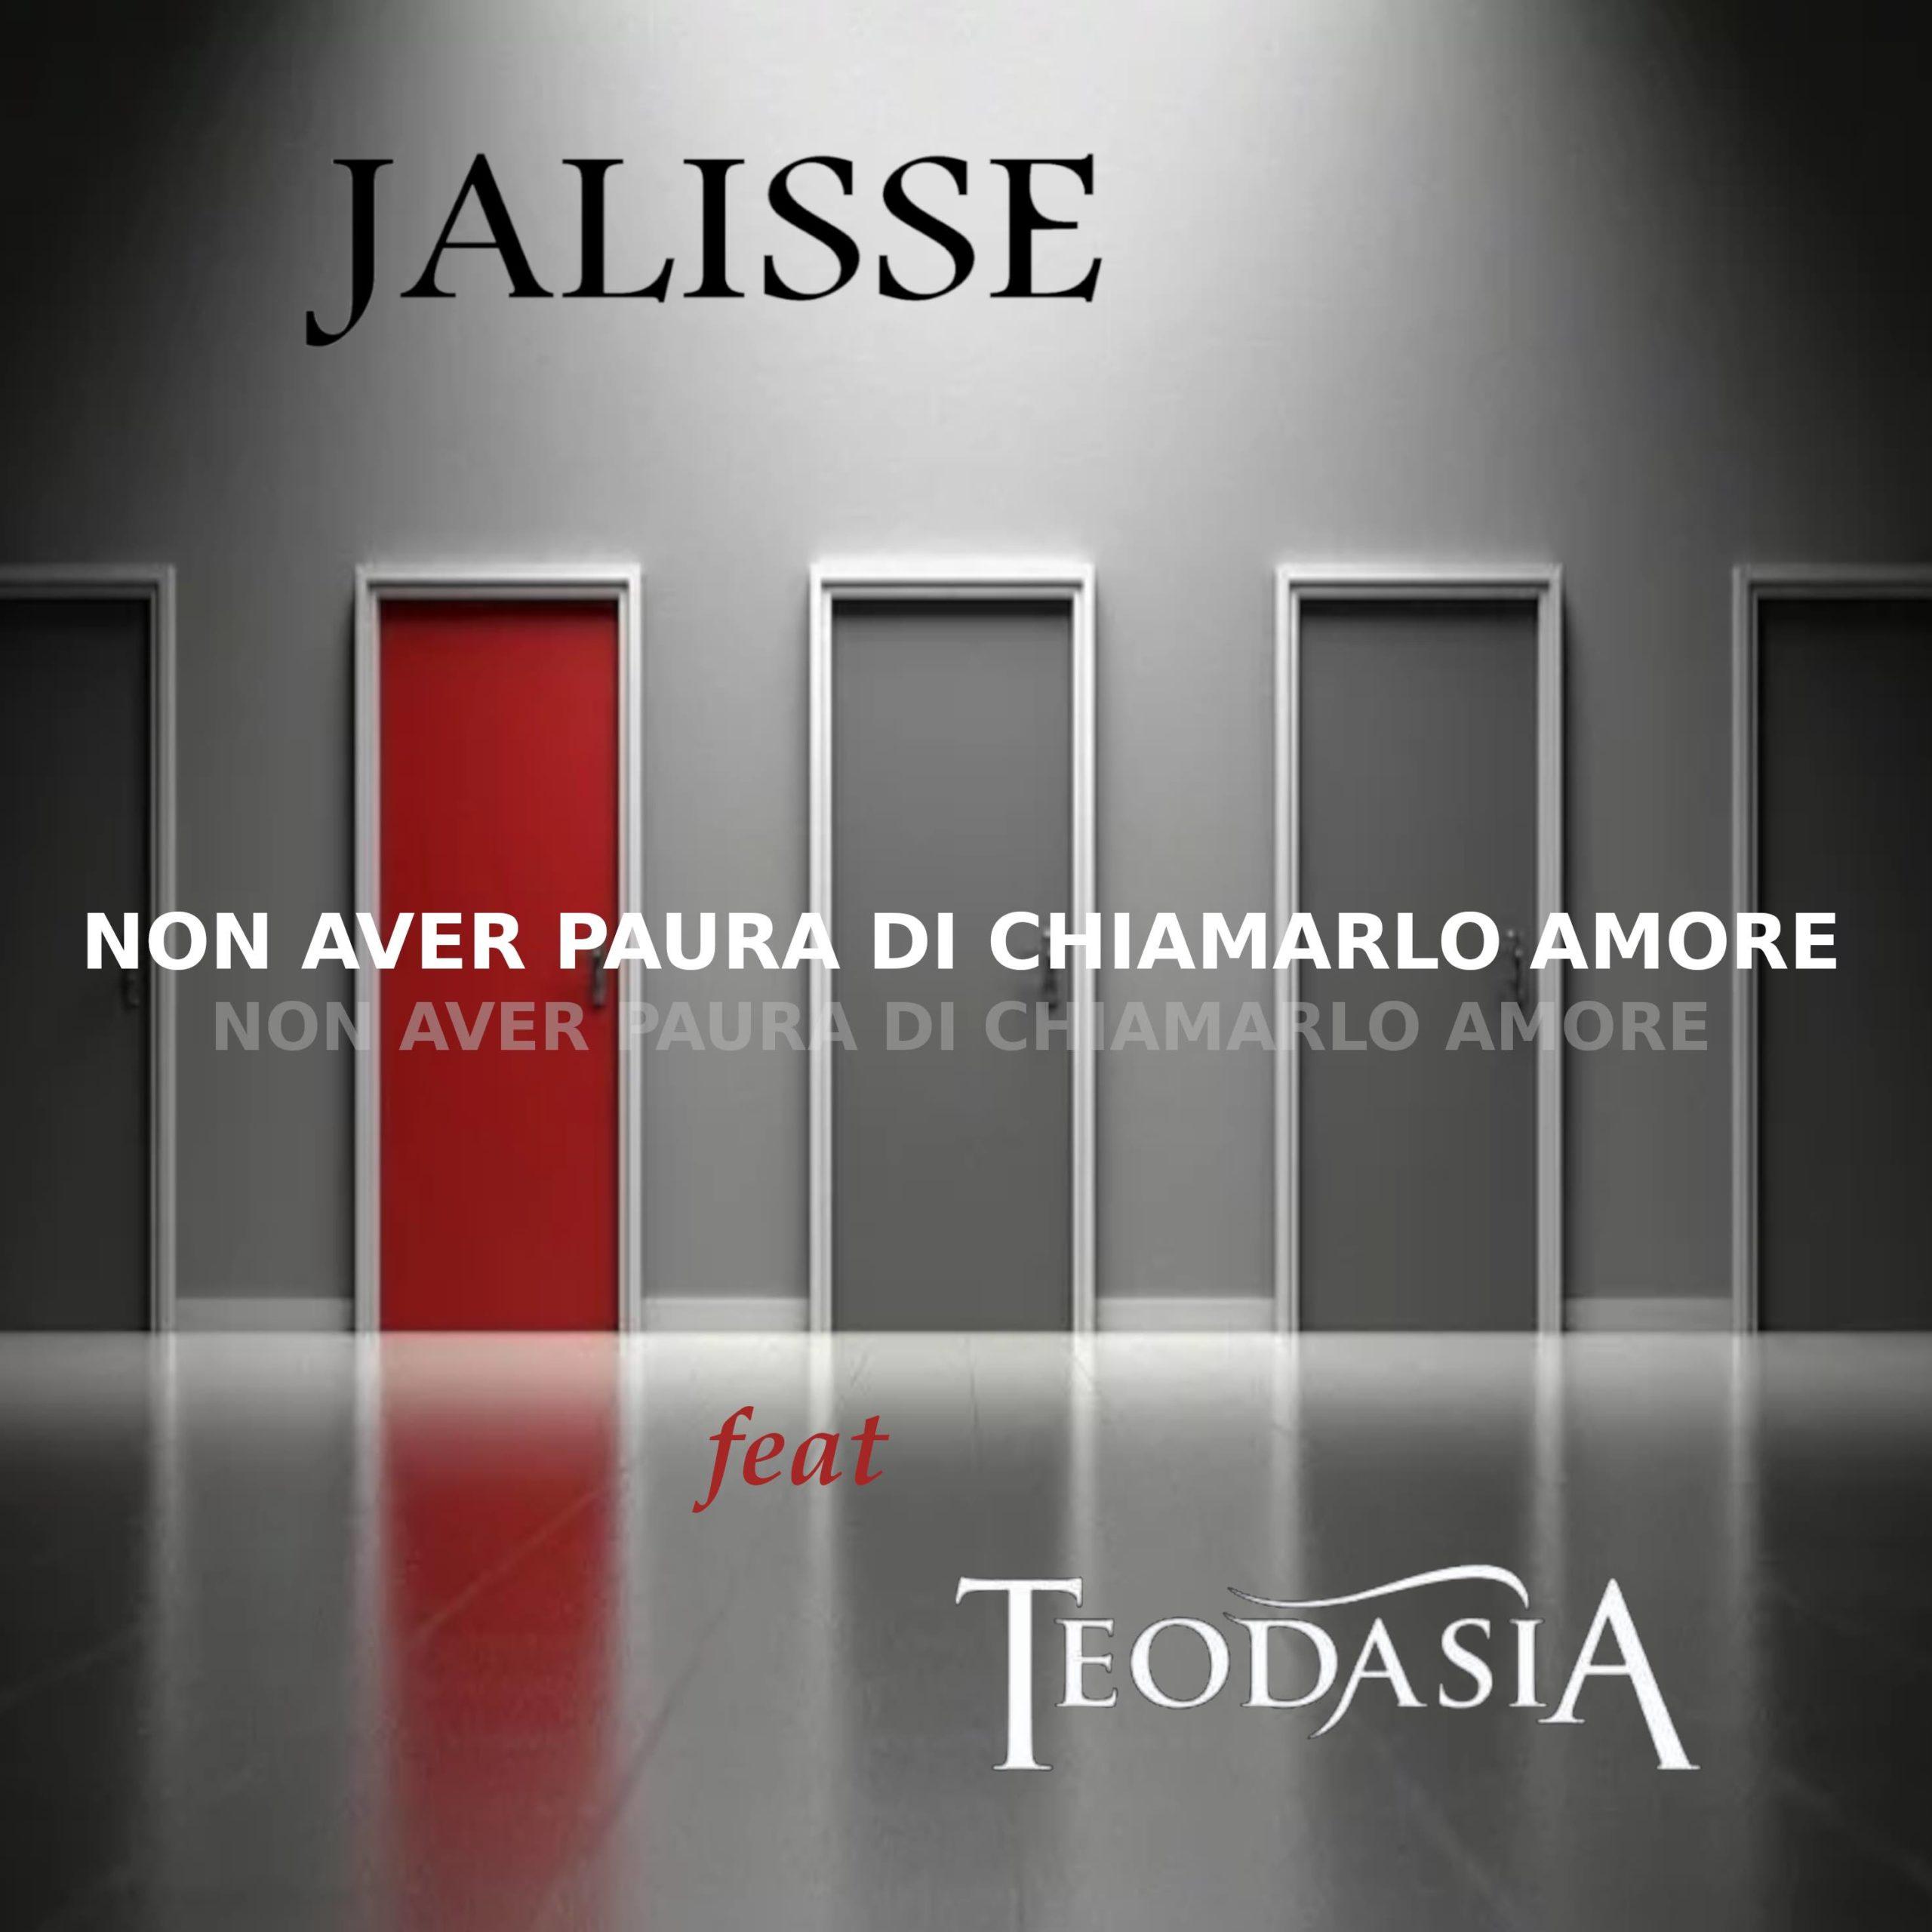 JALISSE_IL NUOVO SINGOLO IN FEATURING CON I TEODASIA_NON AVER PAURA DI CHIAMARLO AMORE